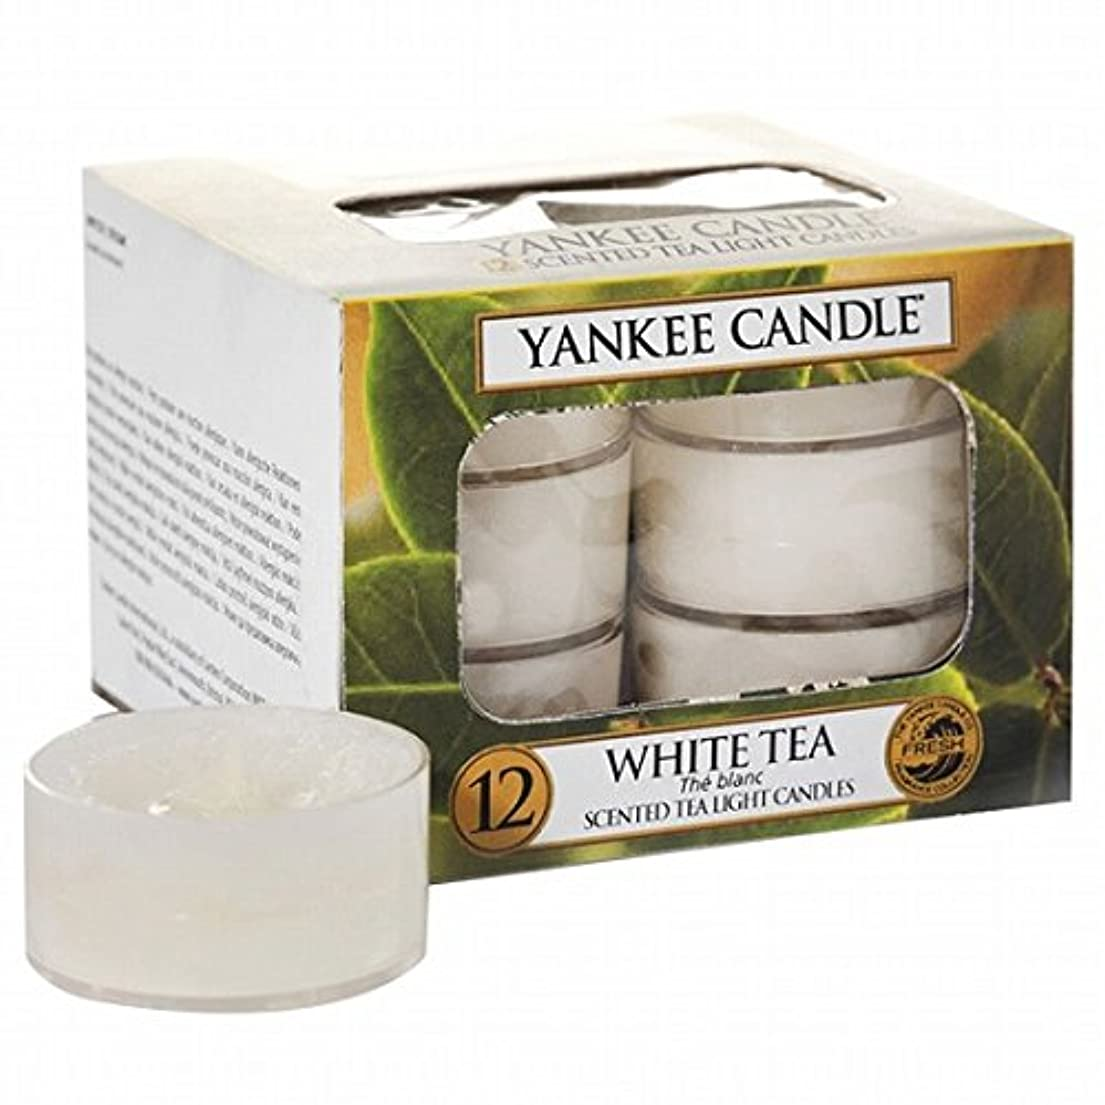 背景邪魔遺棄されたYANKEE CANDLE(ヤンキーキャンドル) YANKEE CANDLE クリアカップティーライト12個入り 「ホワイトティー」(K00505277)